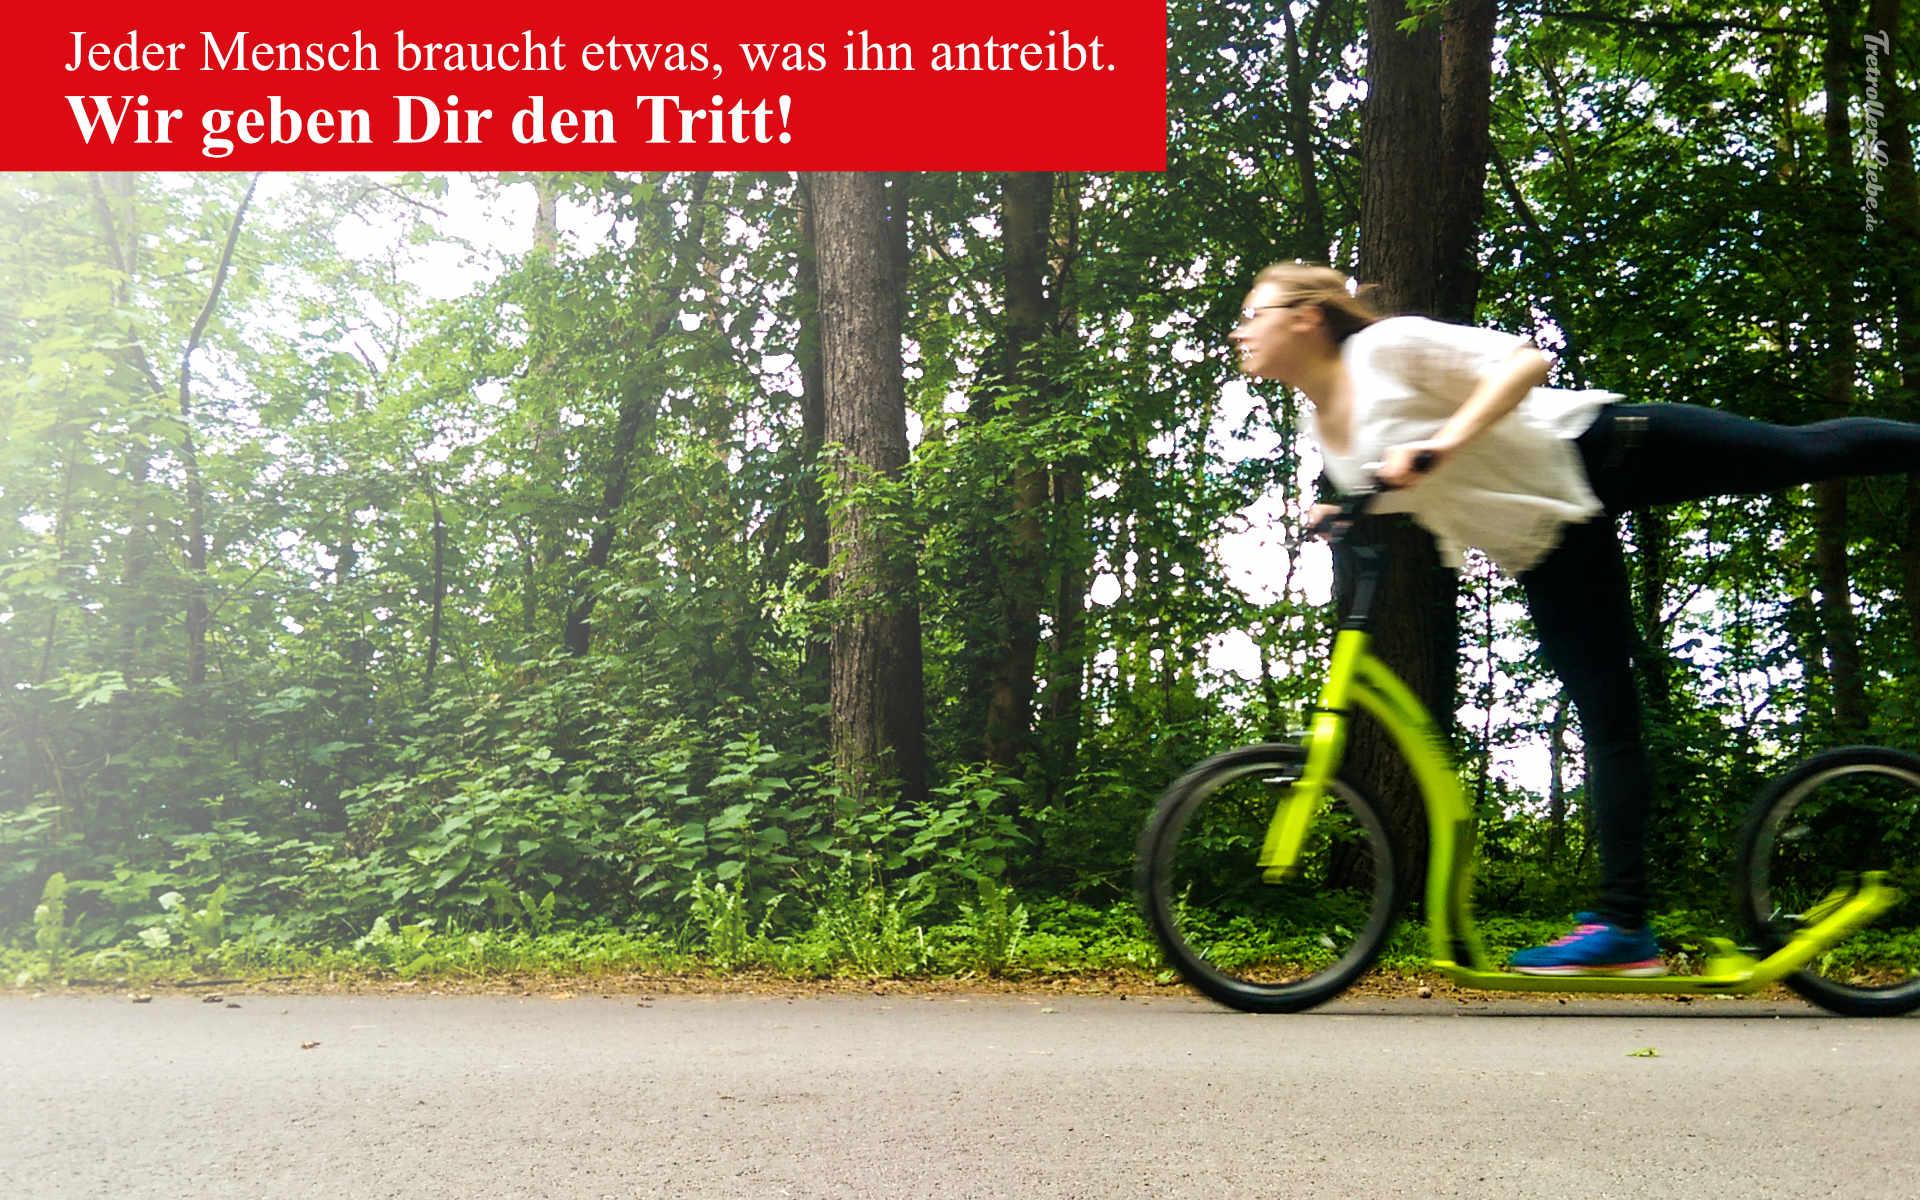 WIr geben dir den Tritt - TretrollerLiebe.de